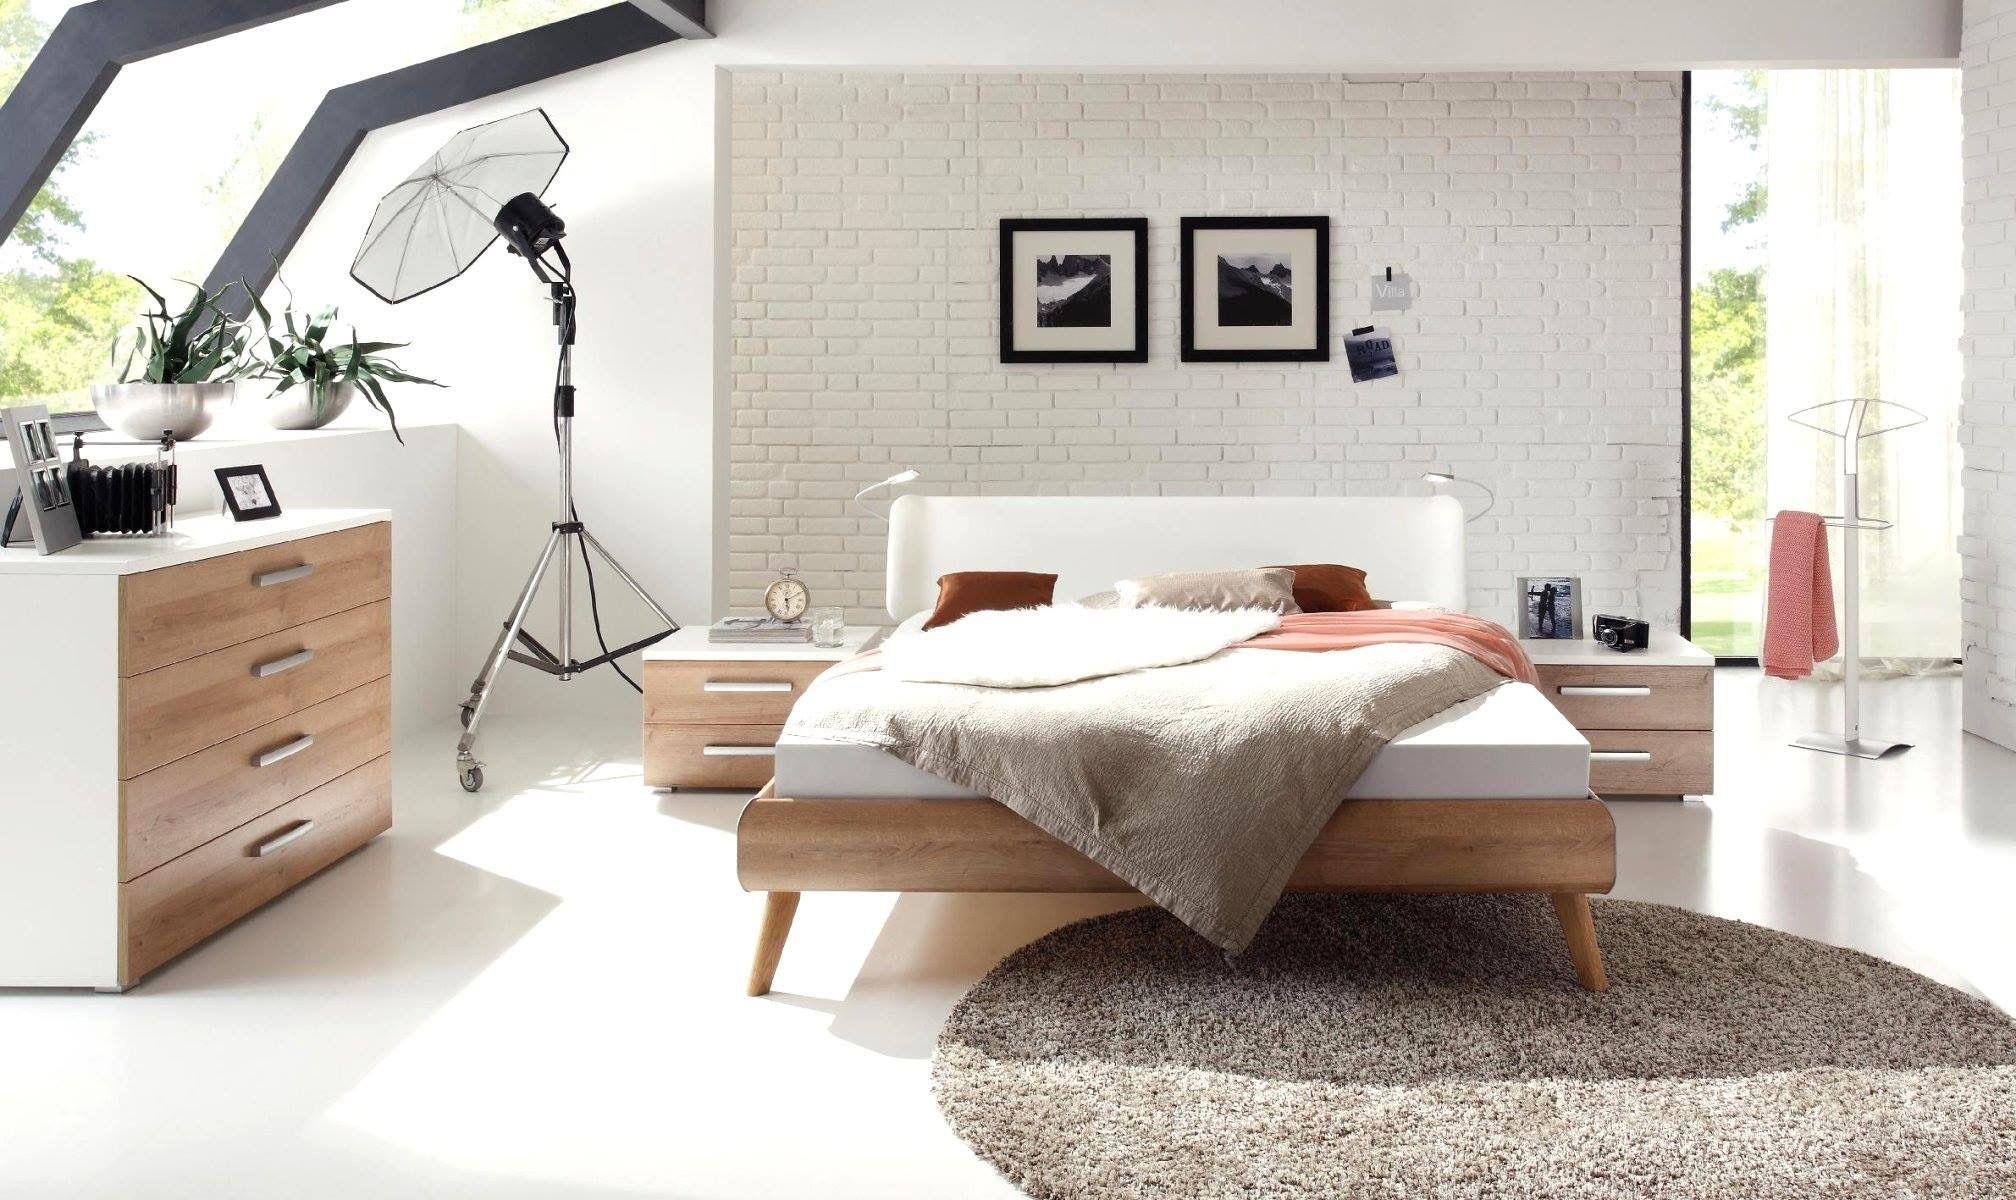 11 besten lit notre chambre Bilder auf Pinterest | Betten, Betten ...